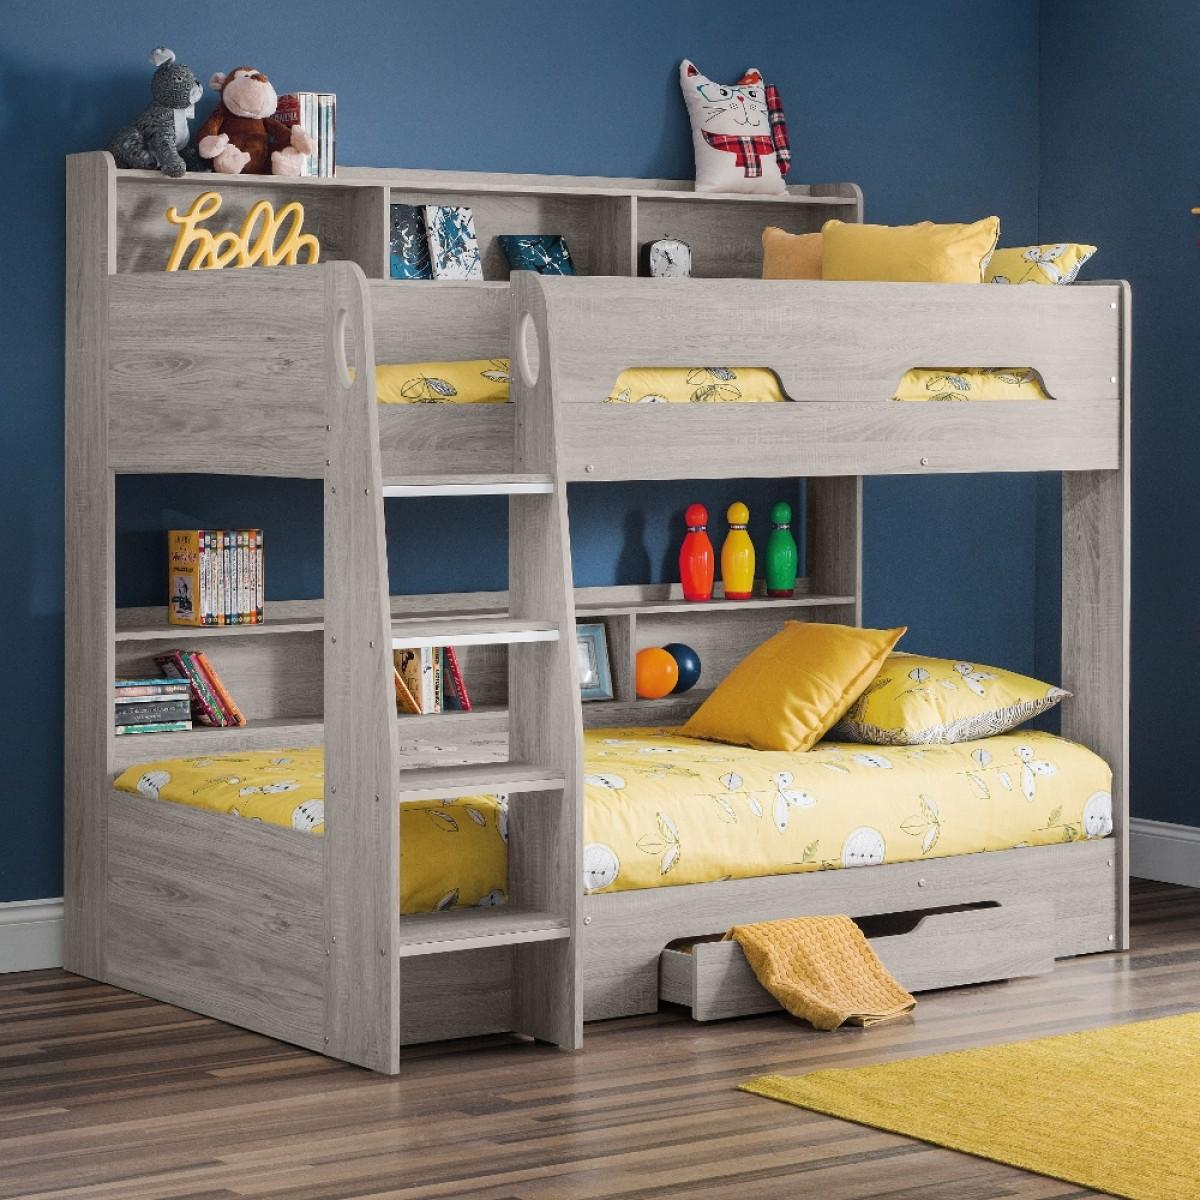 Orion Grey Oak Wooden Storage Bunk Bed Frame